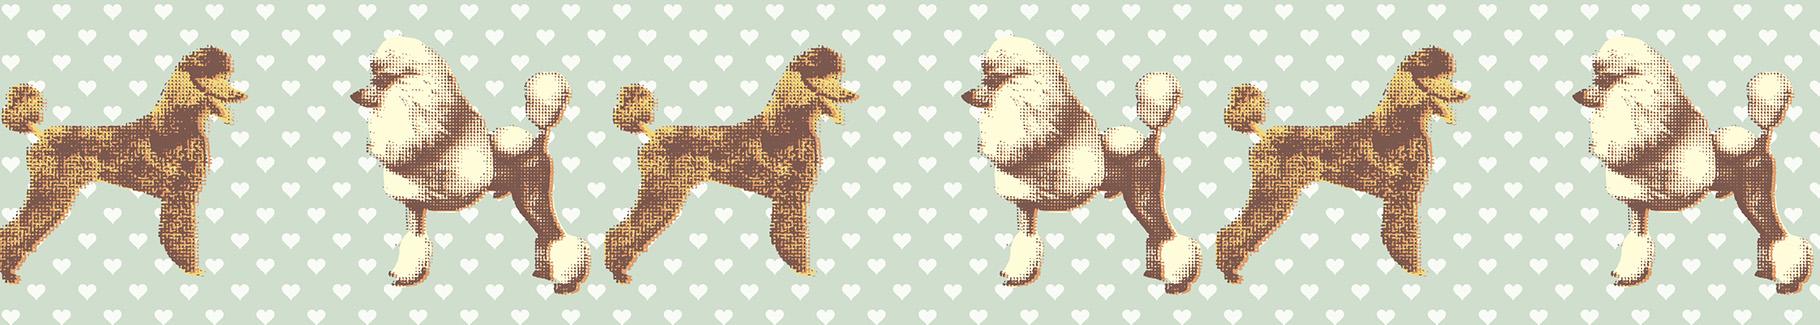 Tapeta motyw psów - glamour